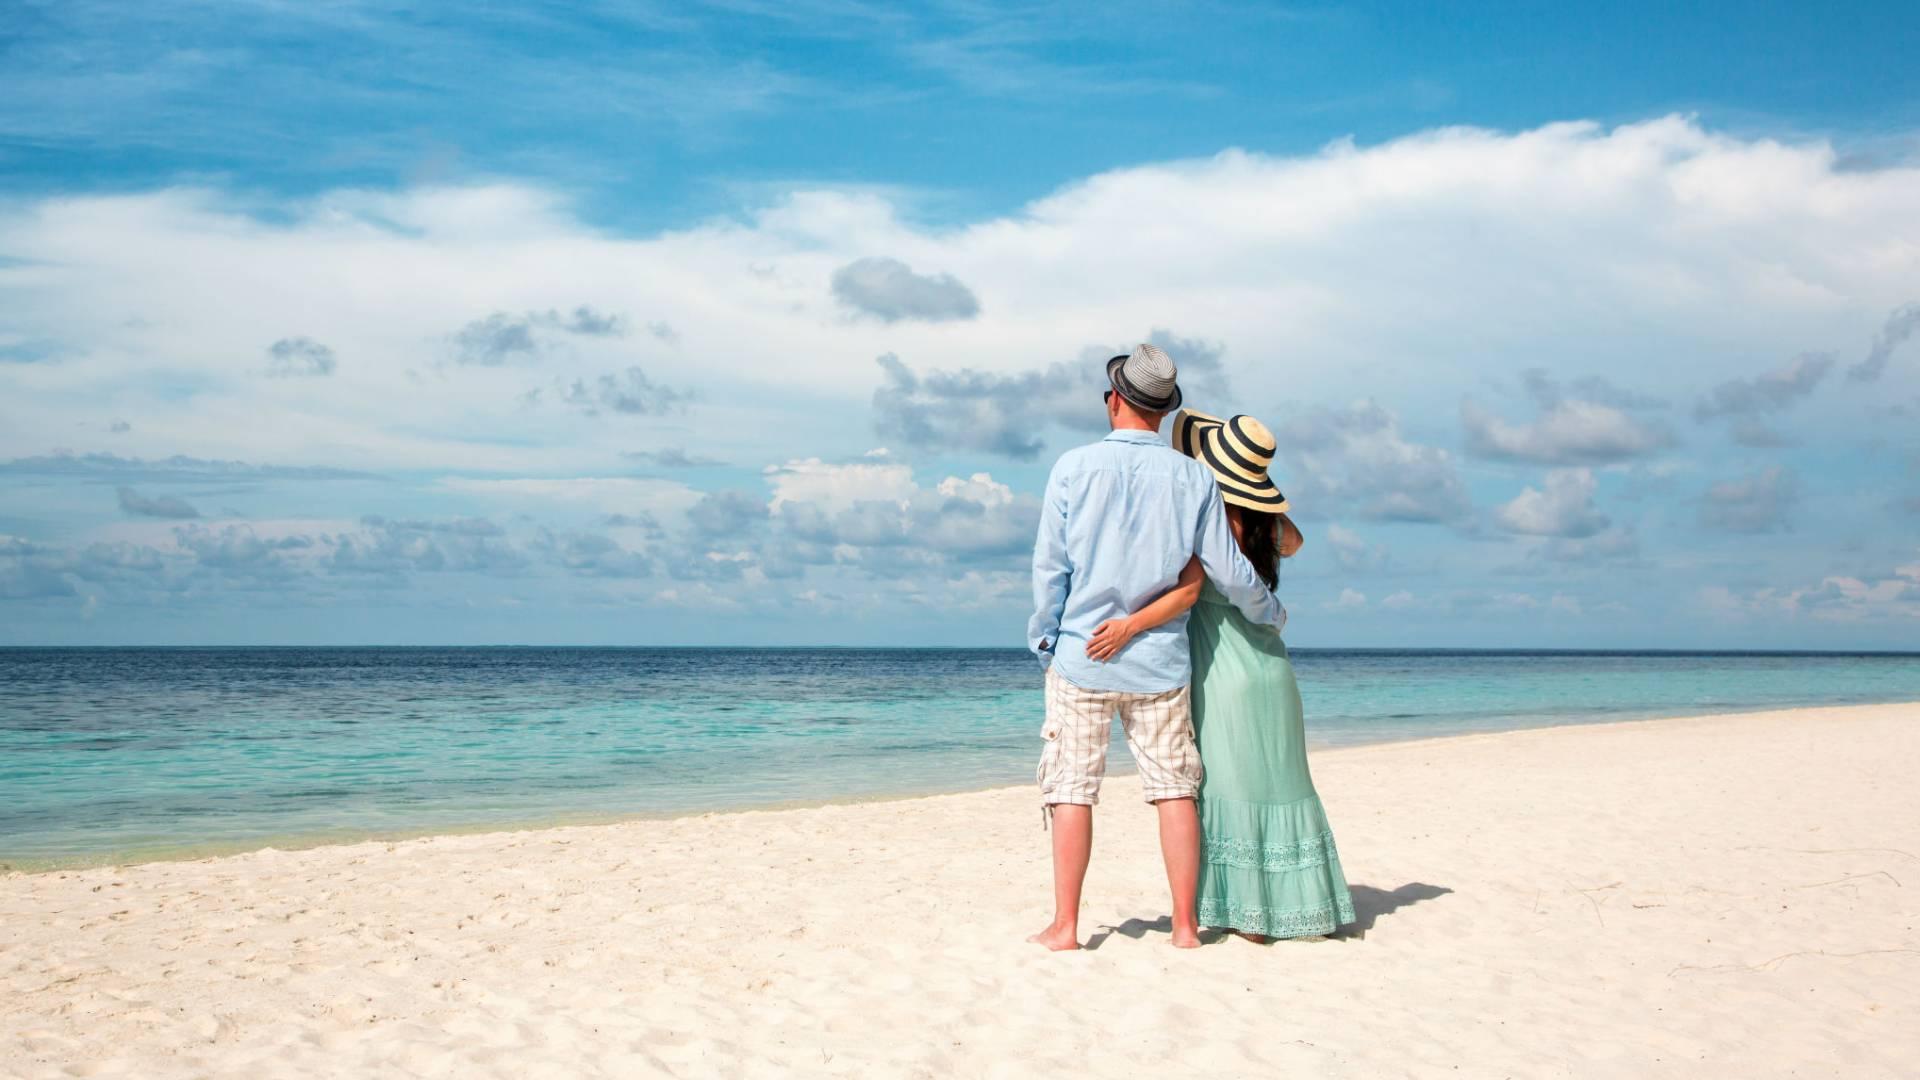 Honeymoon Destinations in India: हनीमून के लिए विदेश क्यों जाना, जब भारत में हैं ये बेस्ट डेस्टिनेशन